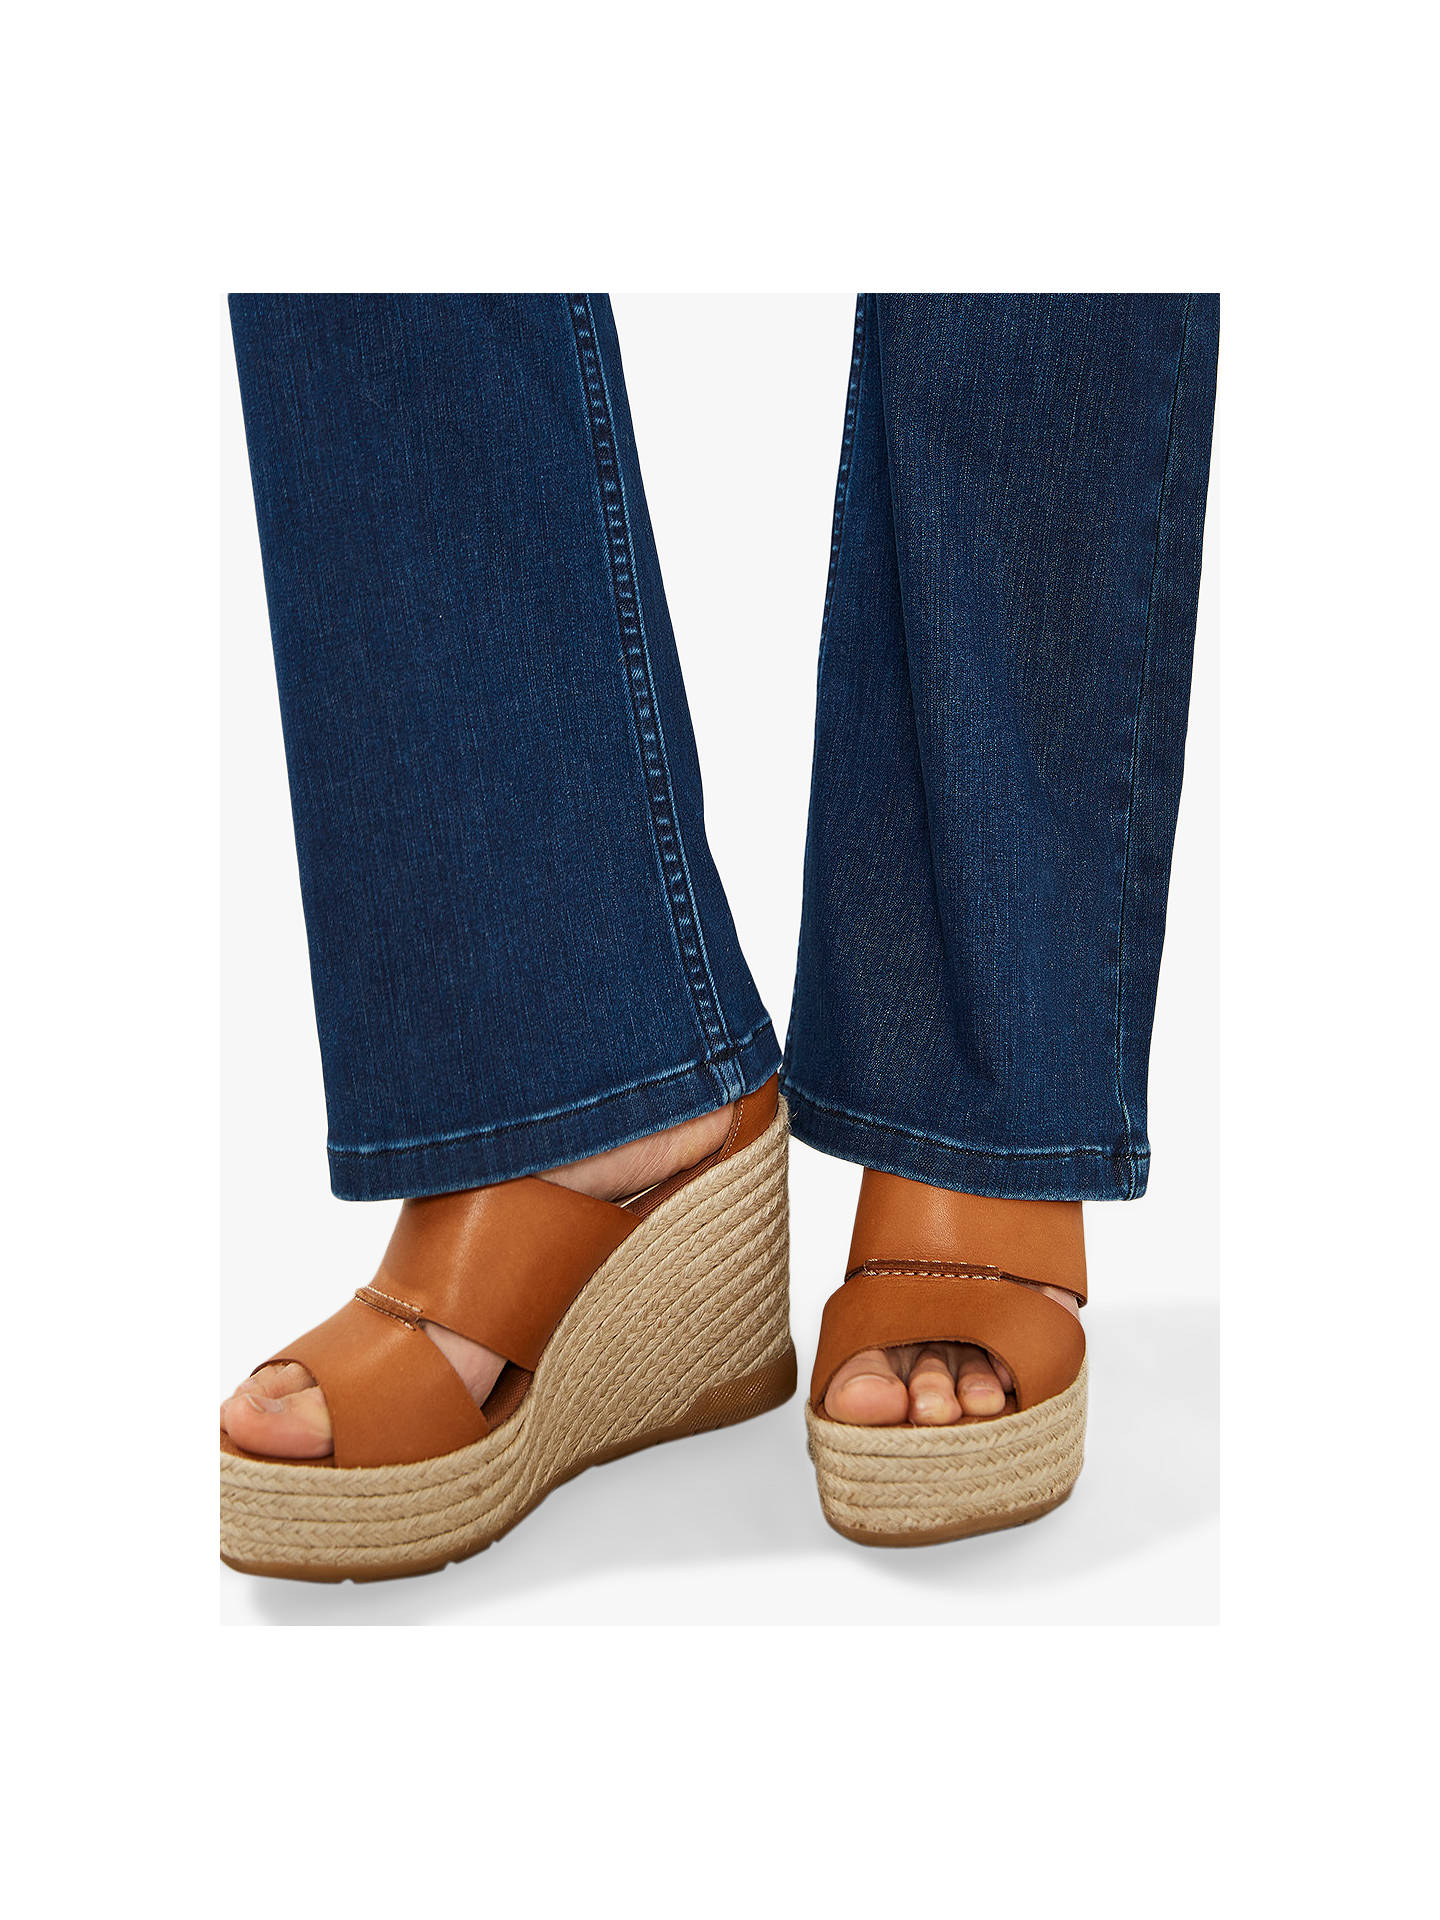 823af853a96 ... Buy Mint Velvet Bellflower Bootcut Jeans, Blue, 6L Online at  johnlewis.com